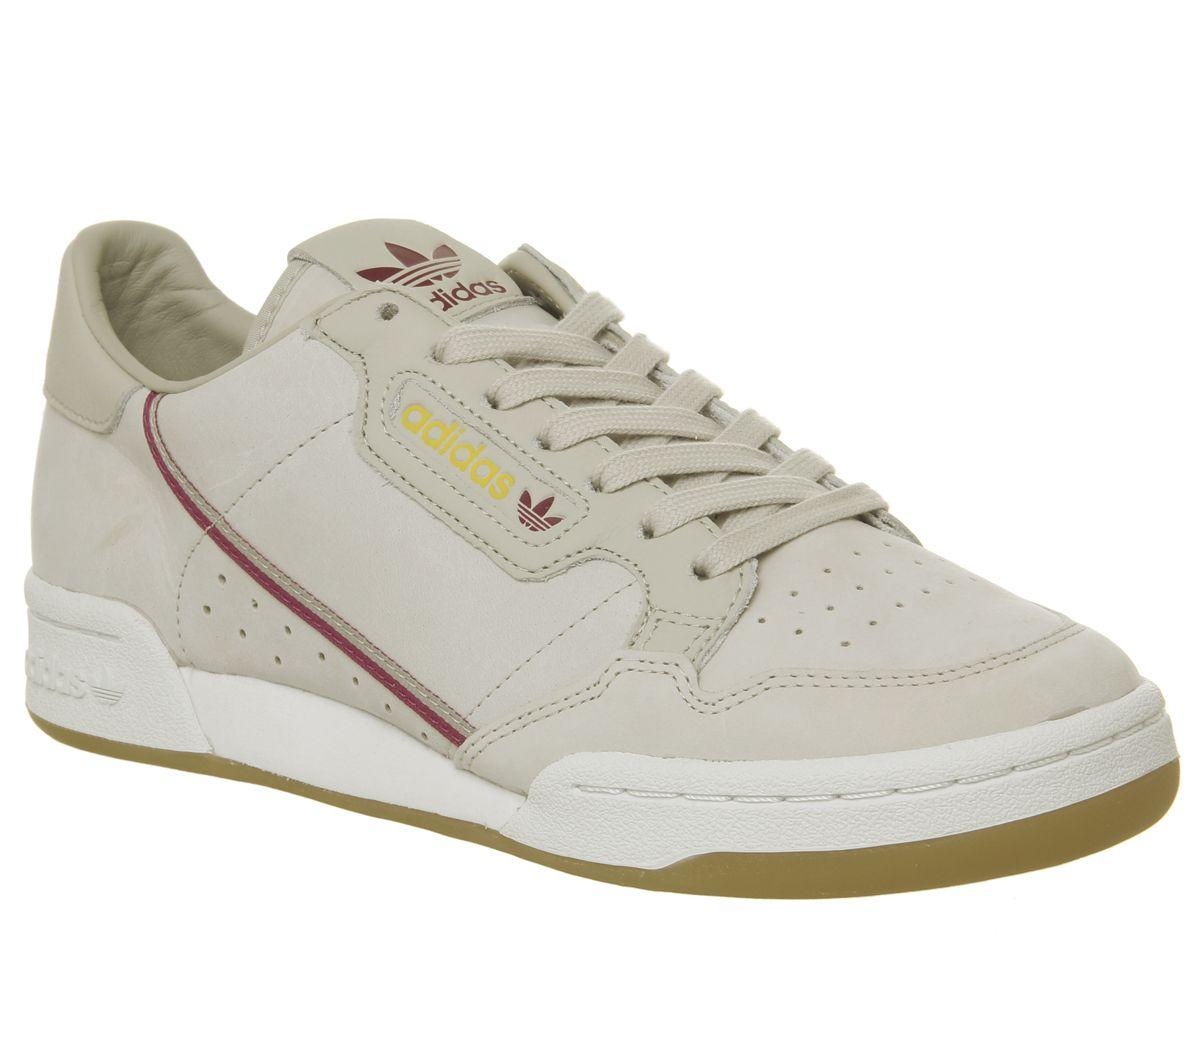 huge discount e0fab 0b999 SENTINELLE Adidas Continental des années 80 formateurs lumière moutarde  brune Bourgogne gomme Tfl formateurs S